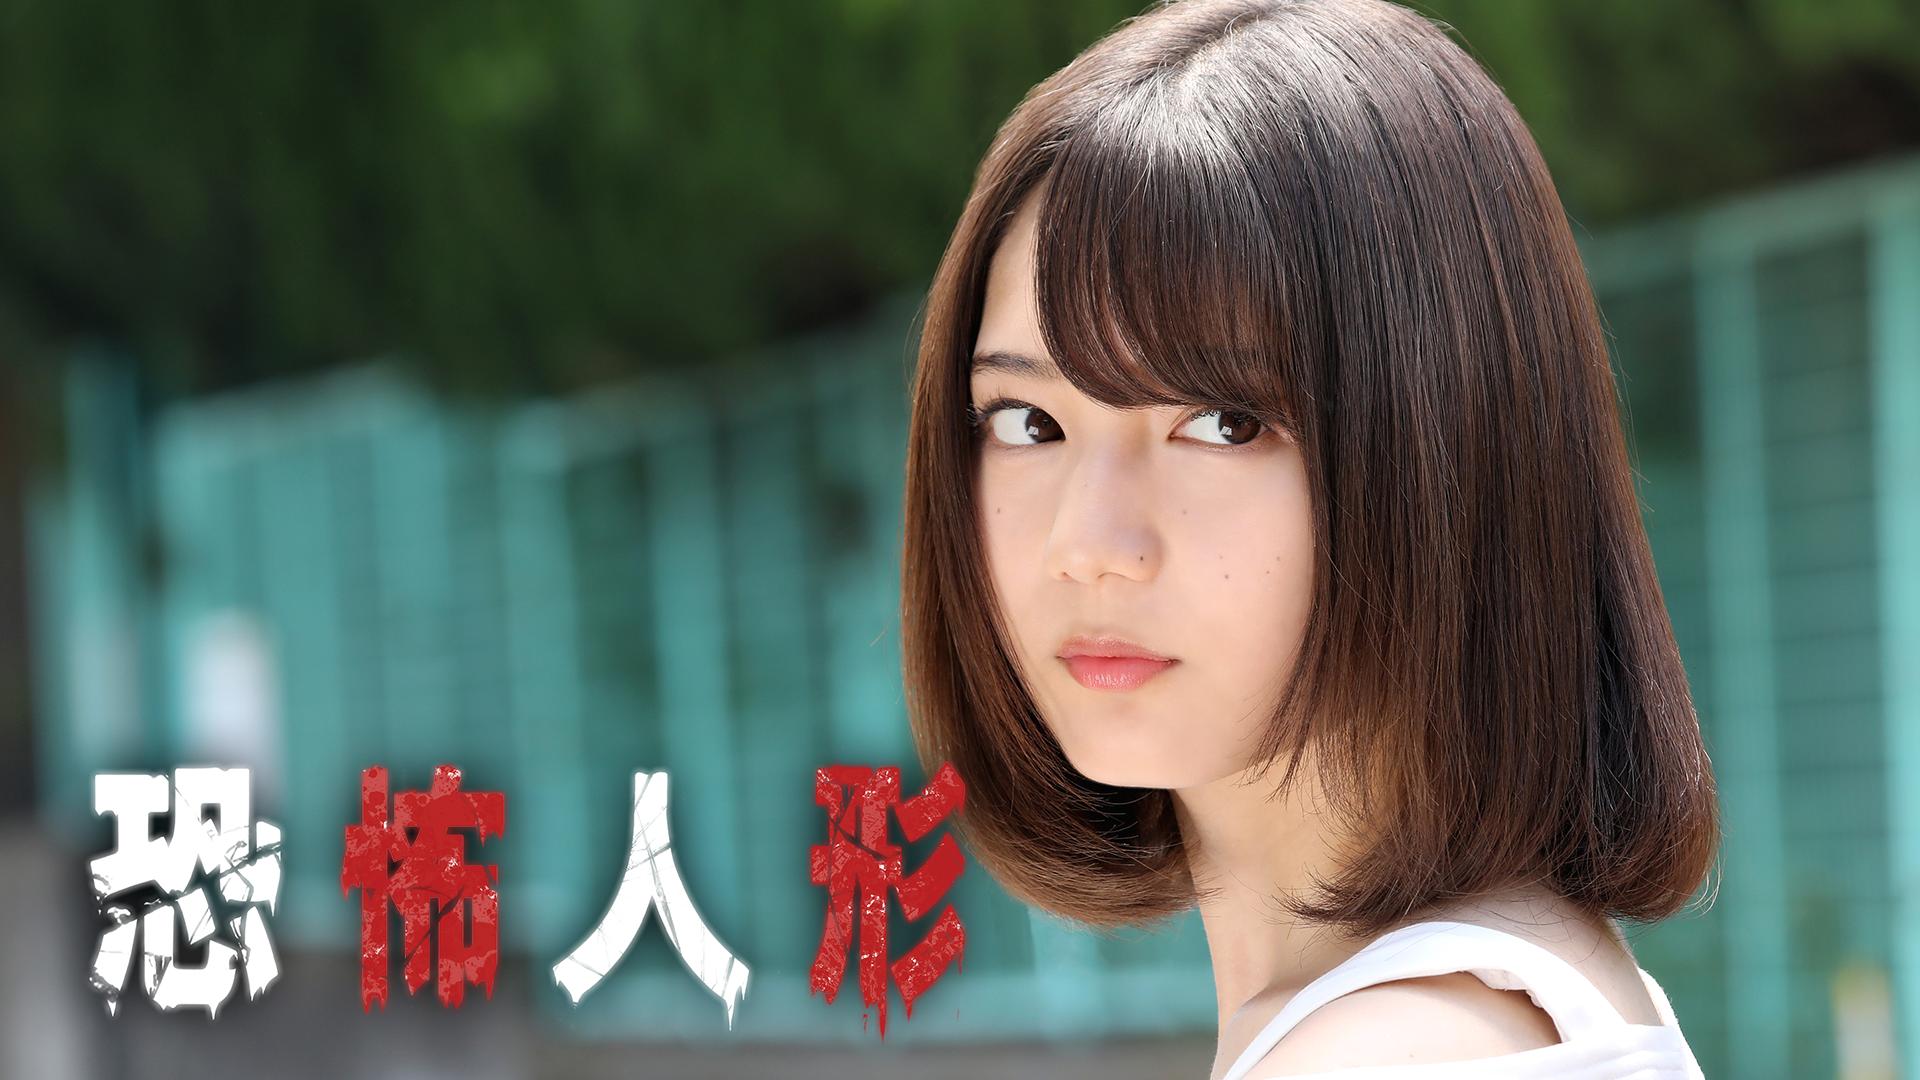 恐怖人形(映画)無料動画フル視聴!脱Pandora/Dailymotion!